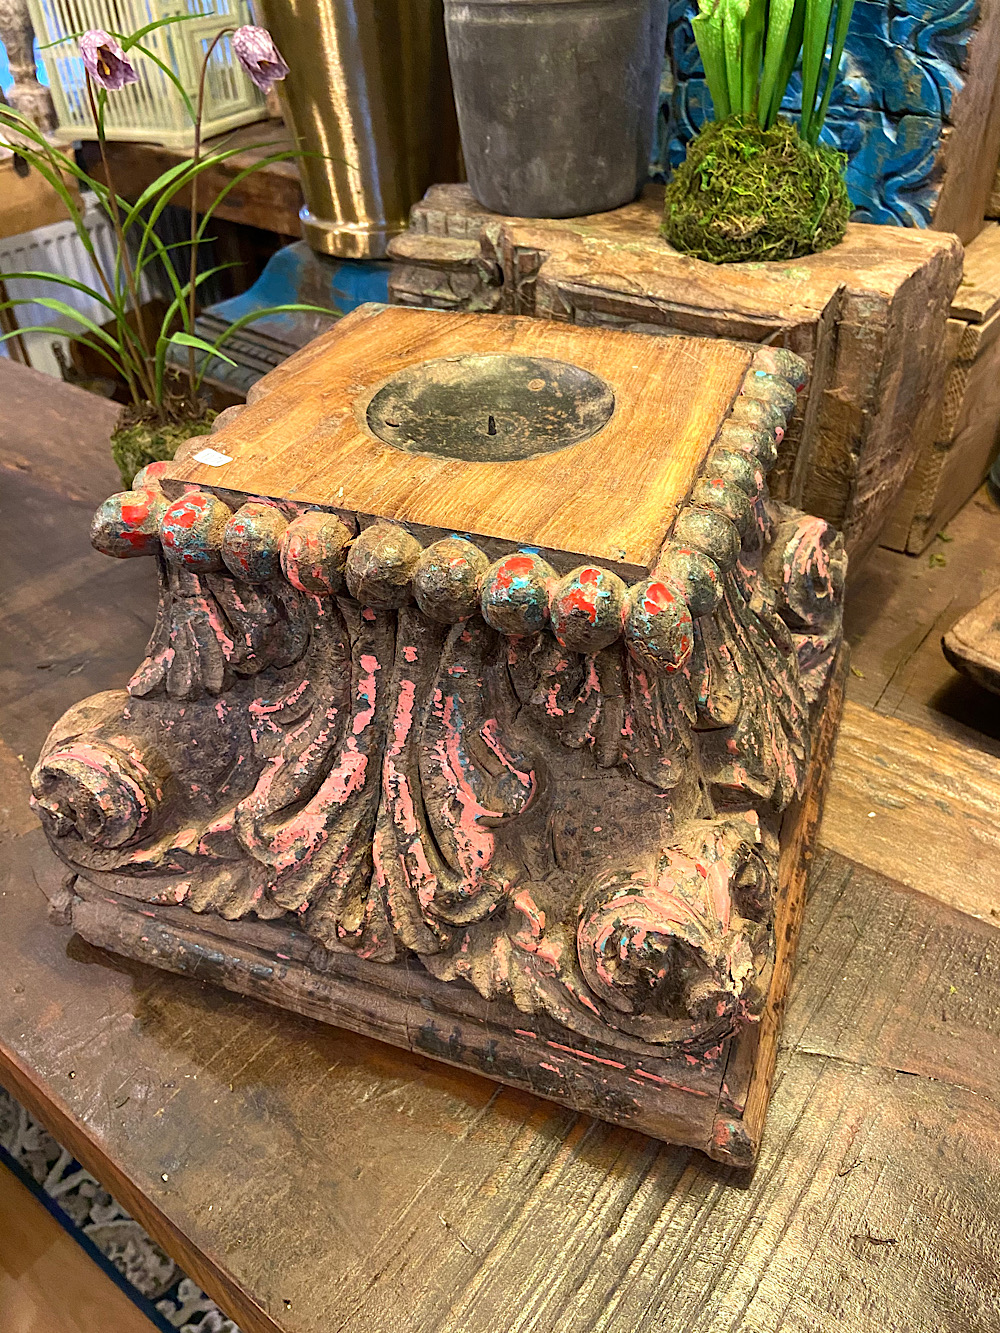 Intialainen vanha pilari kynttilänjalusta